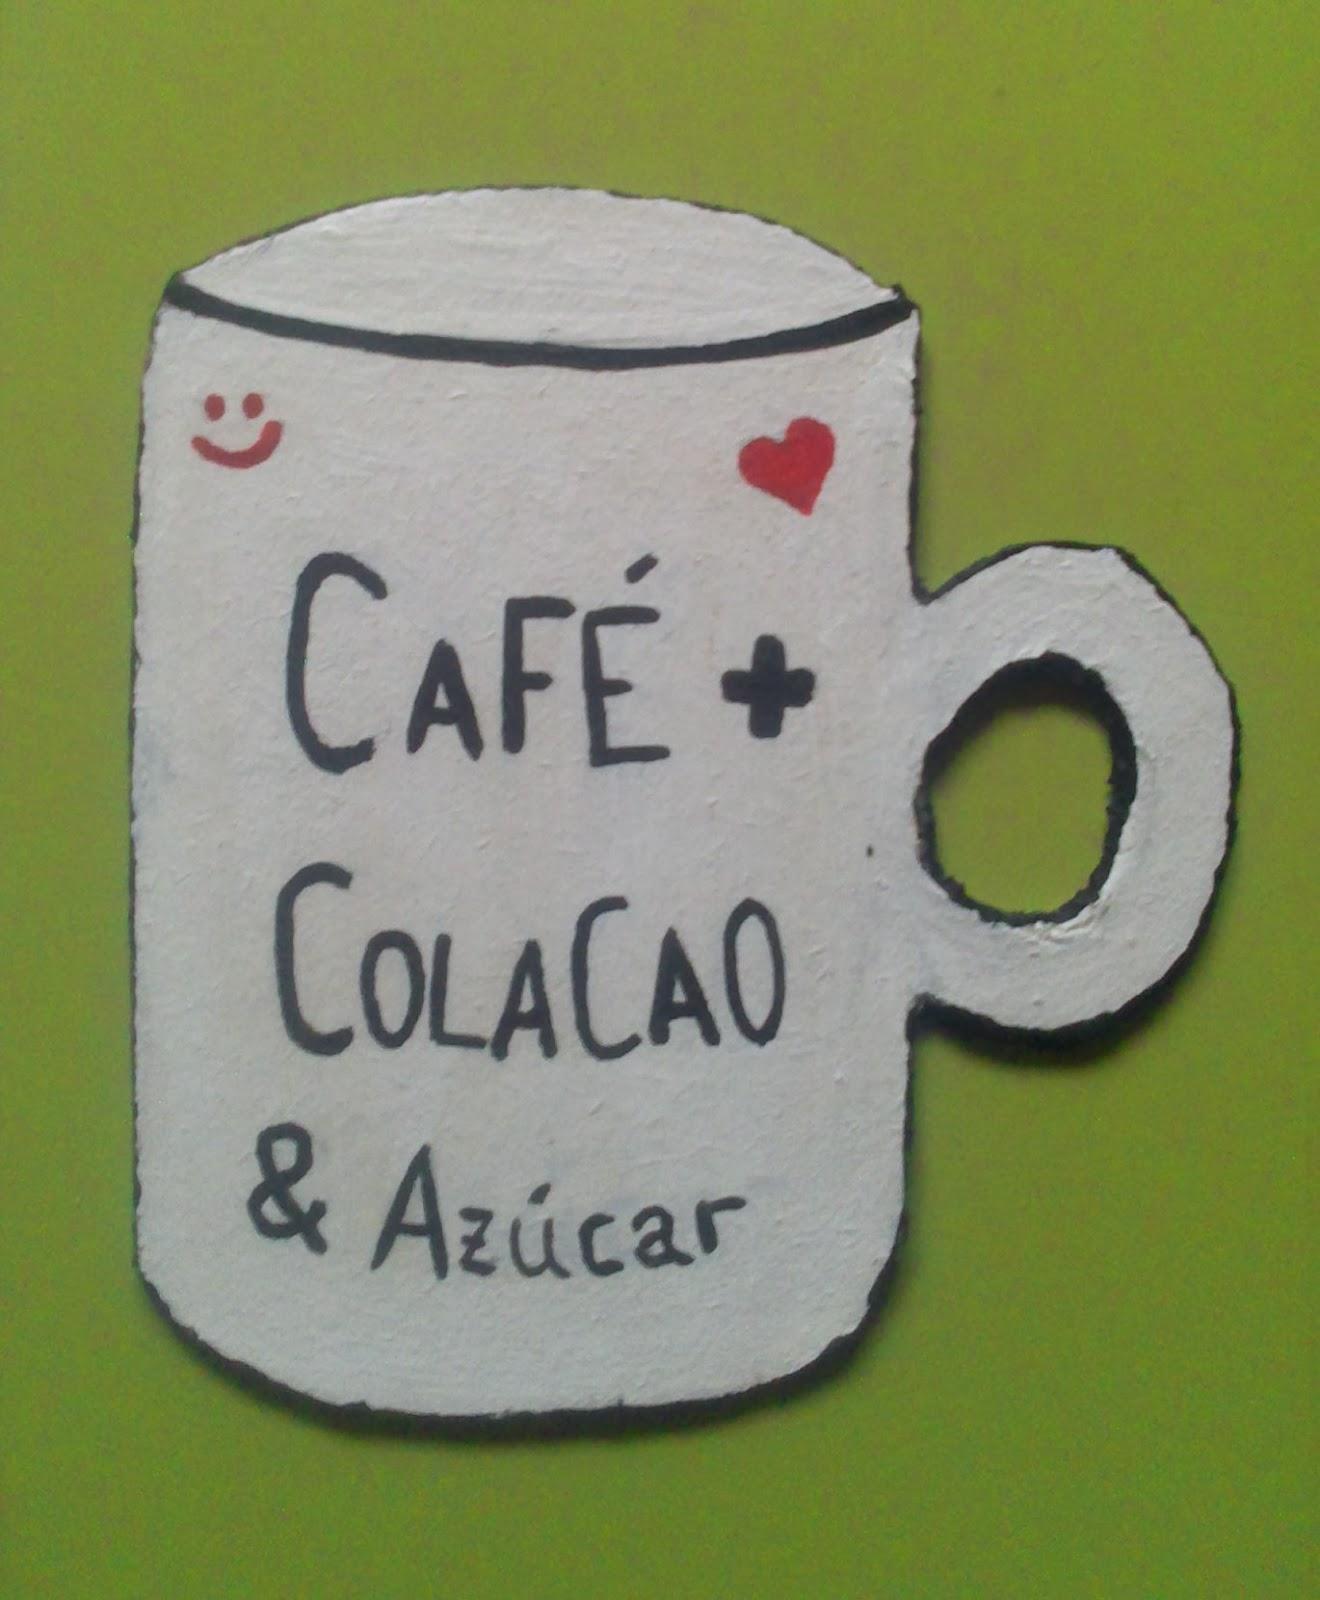 DIY imán taza café + colacao & azúcar